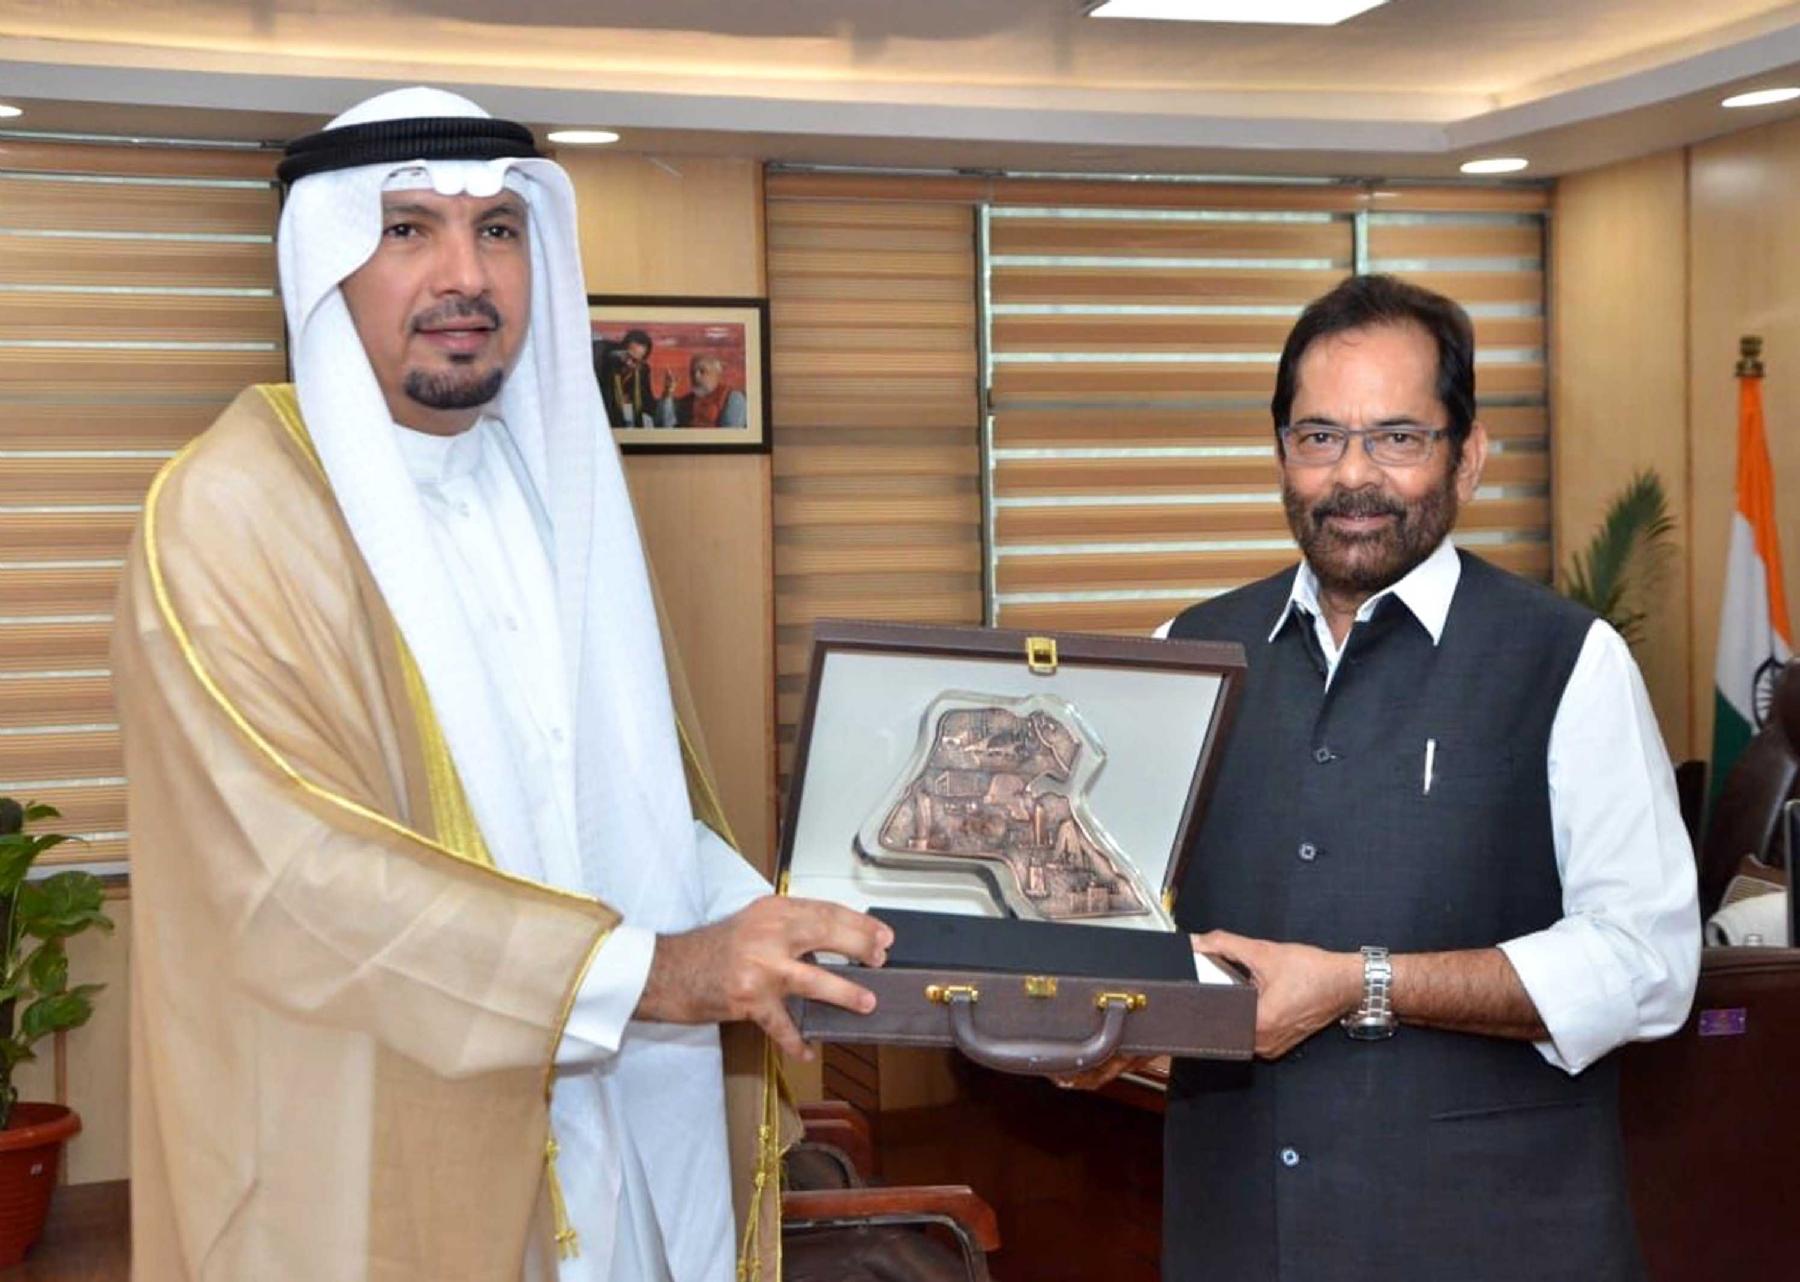 केंद्रीय अल्पसंख्यक मामलों के मंत्री मुख्तार अब्बास नकवी से मुलाकात करते भारत में कुवैत के राजदूत जसीम इब्राहीम अल नजेम। फोटो गणेश बिष्ट